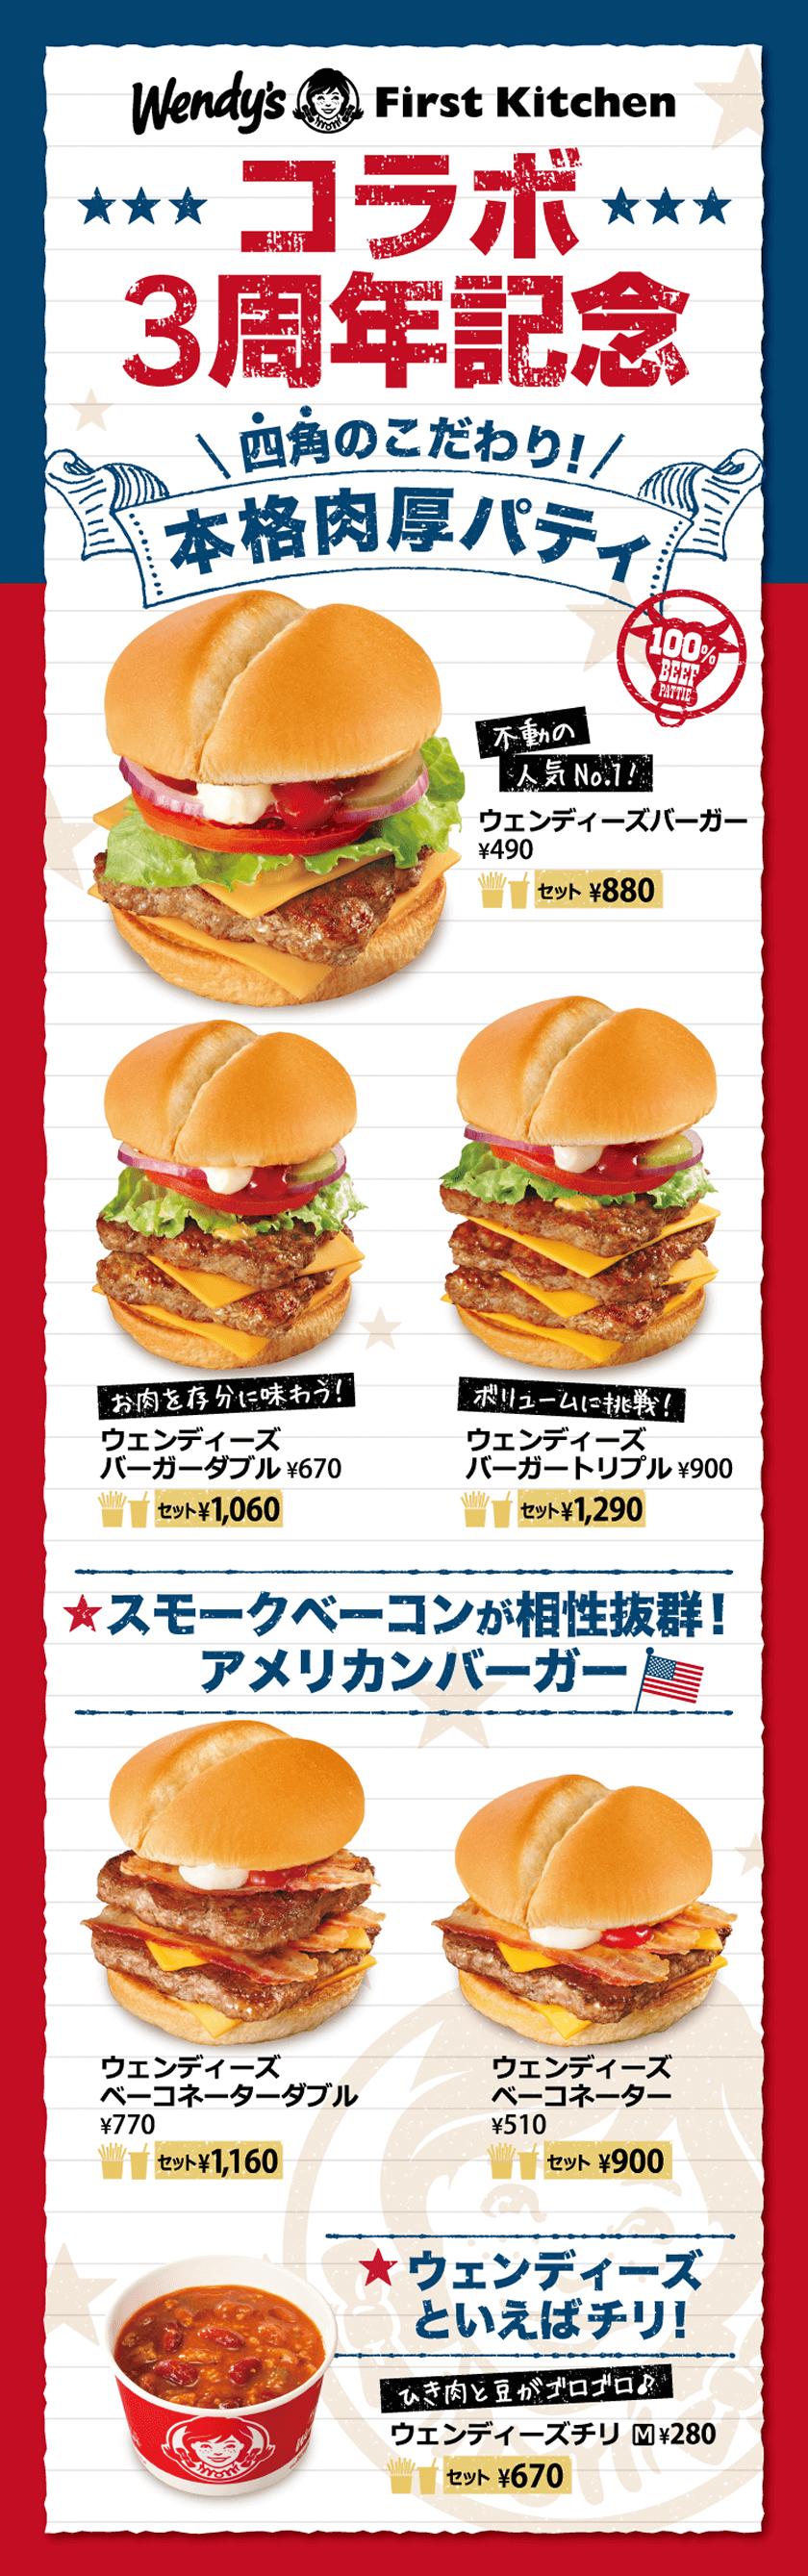 ファーストキッチンのお店にウェンディーズメニューが登場。四角いパティのアメリカ発本格派バーガーや、ウェンディーズチリをぜひお試しください。